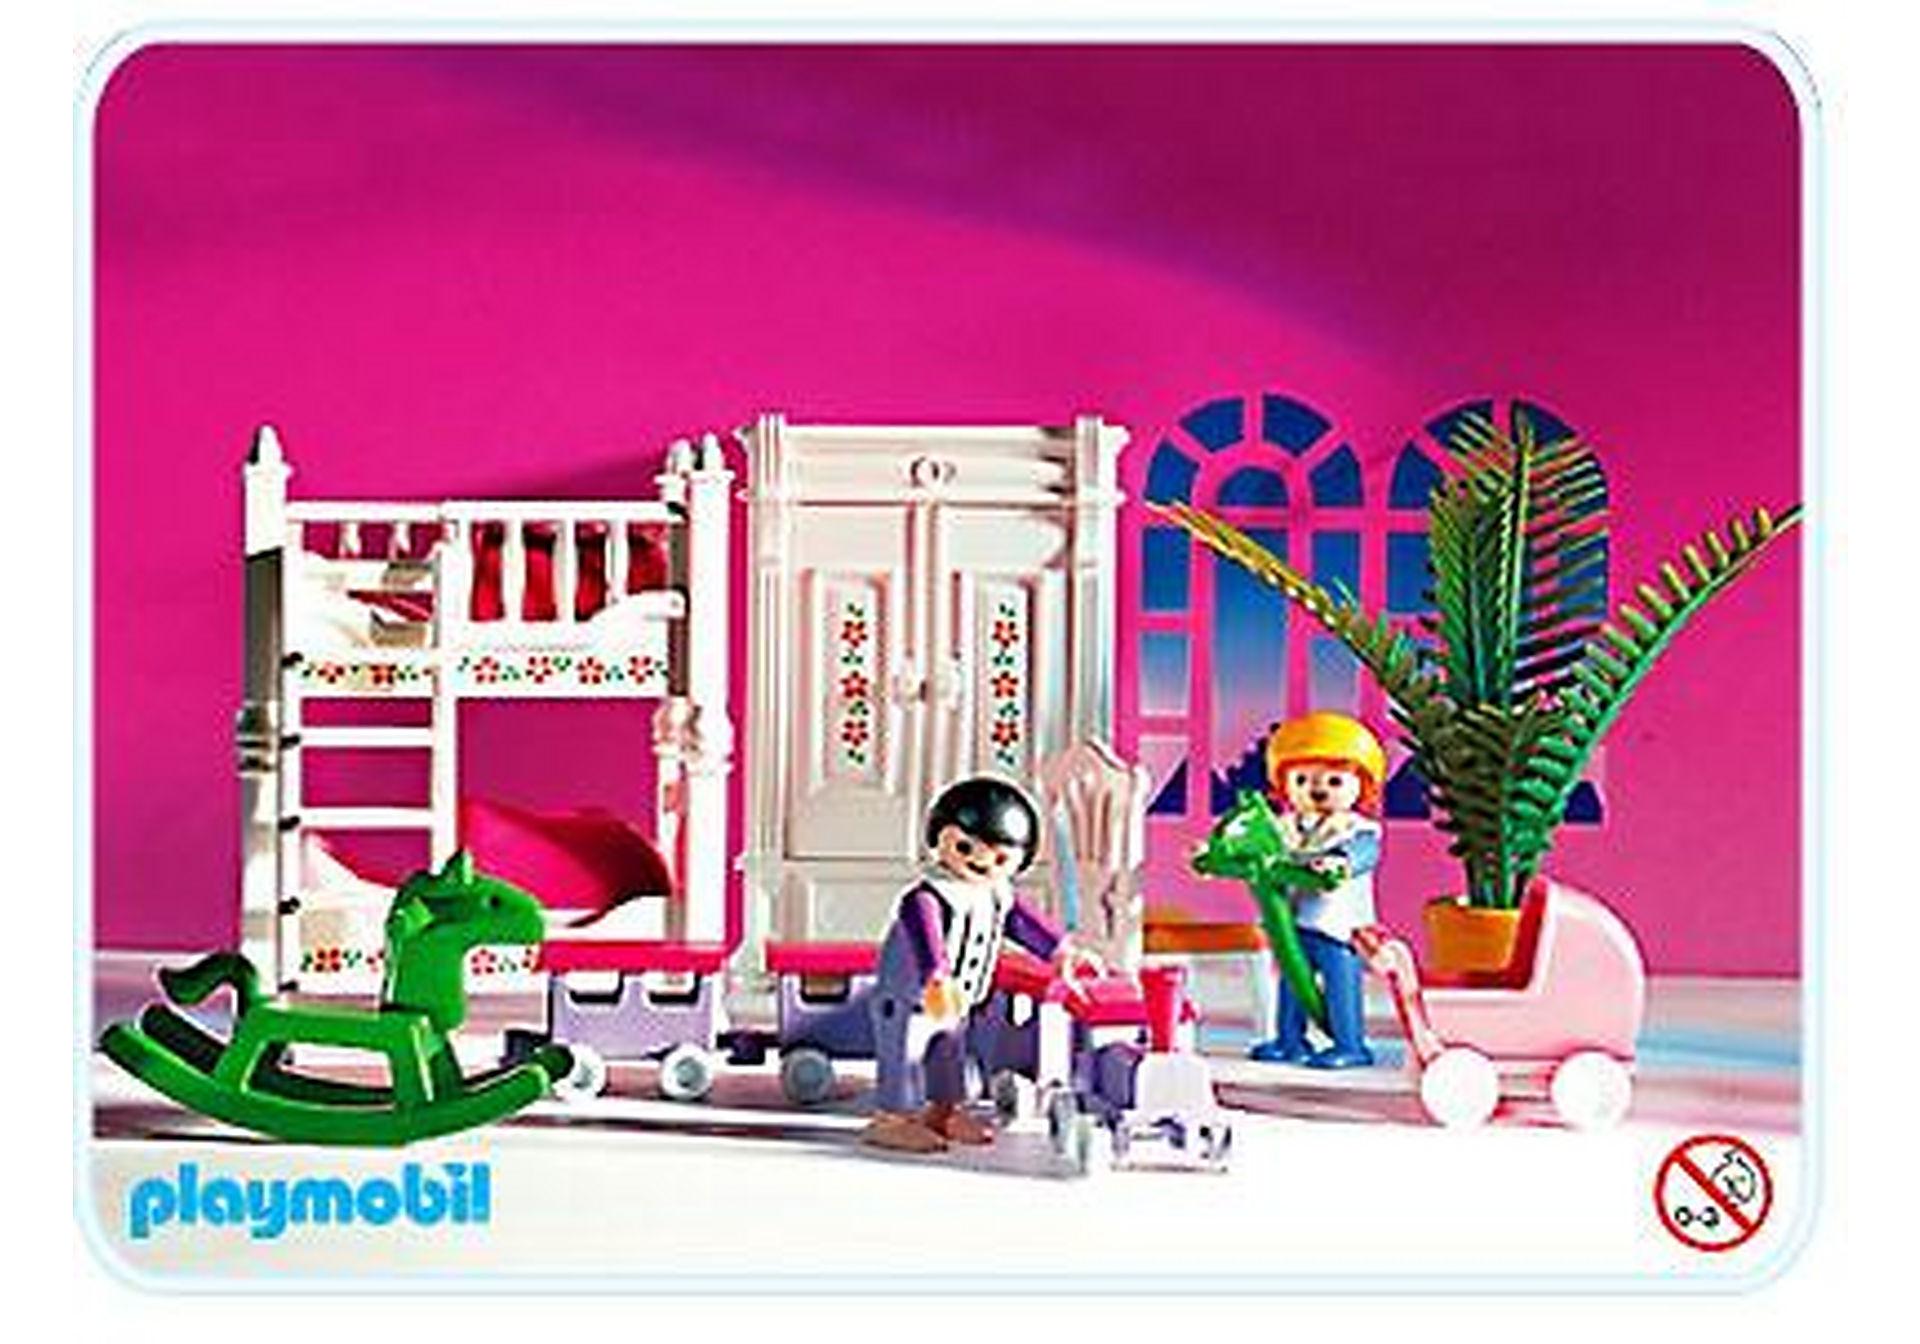 5312-A Kinderzimmer zoom image1